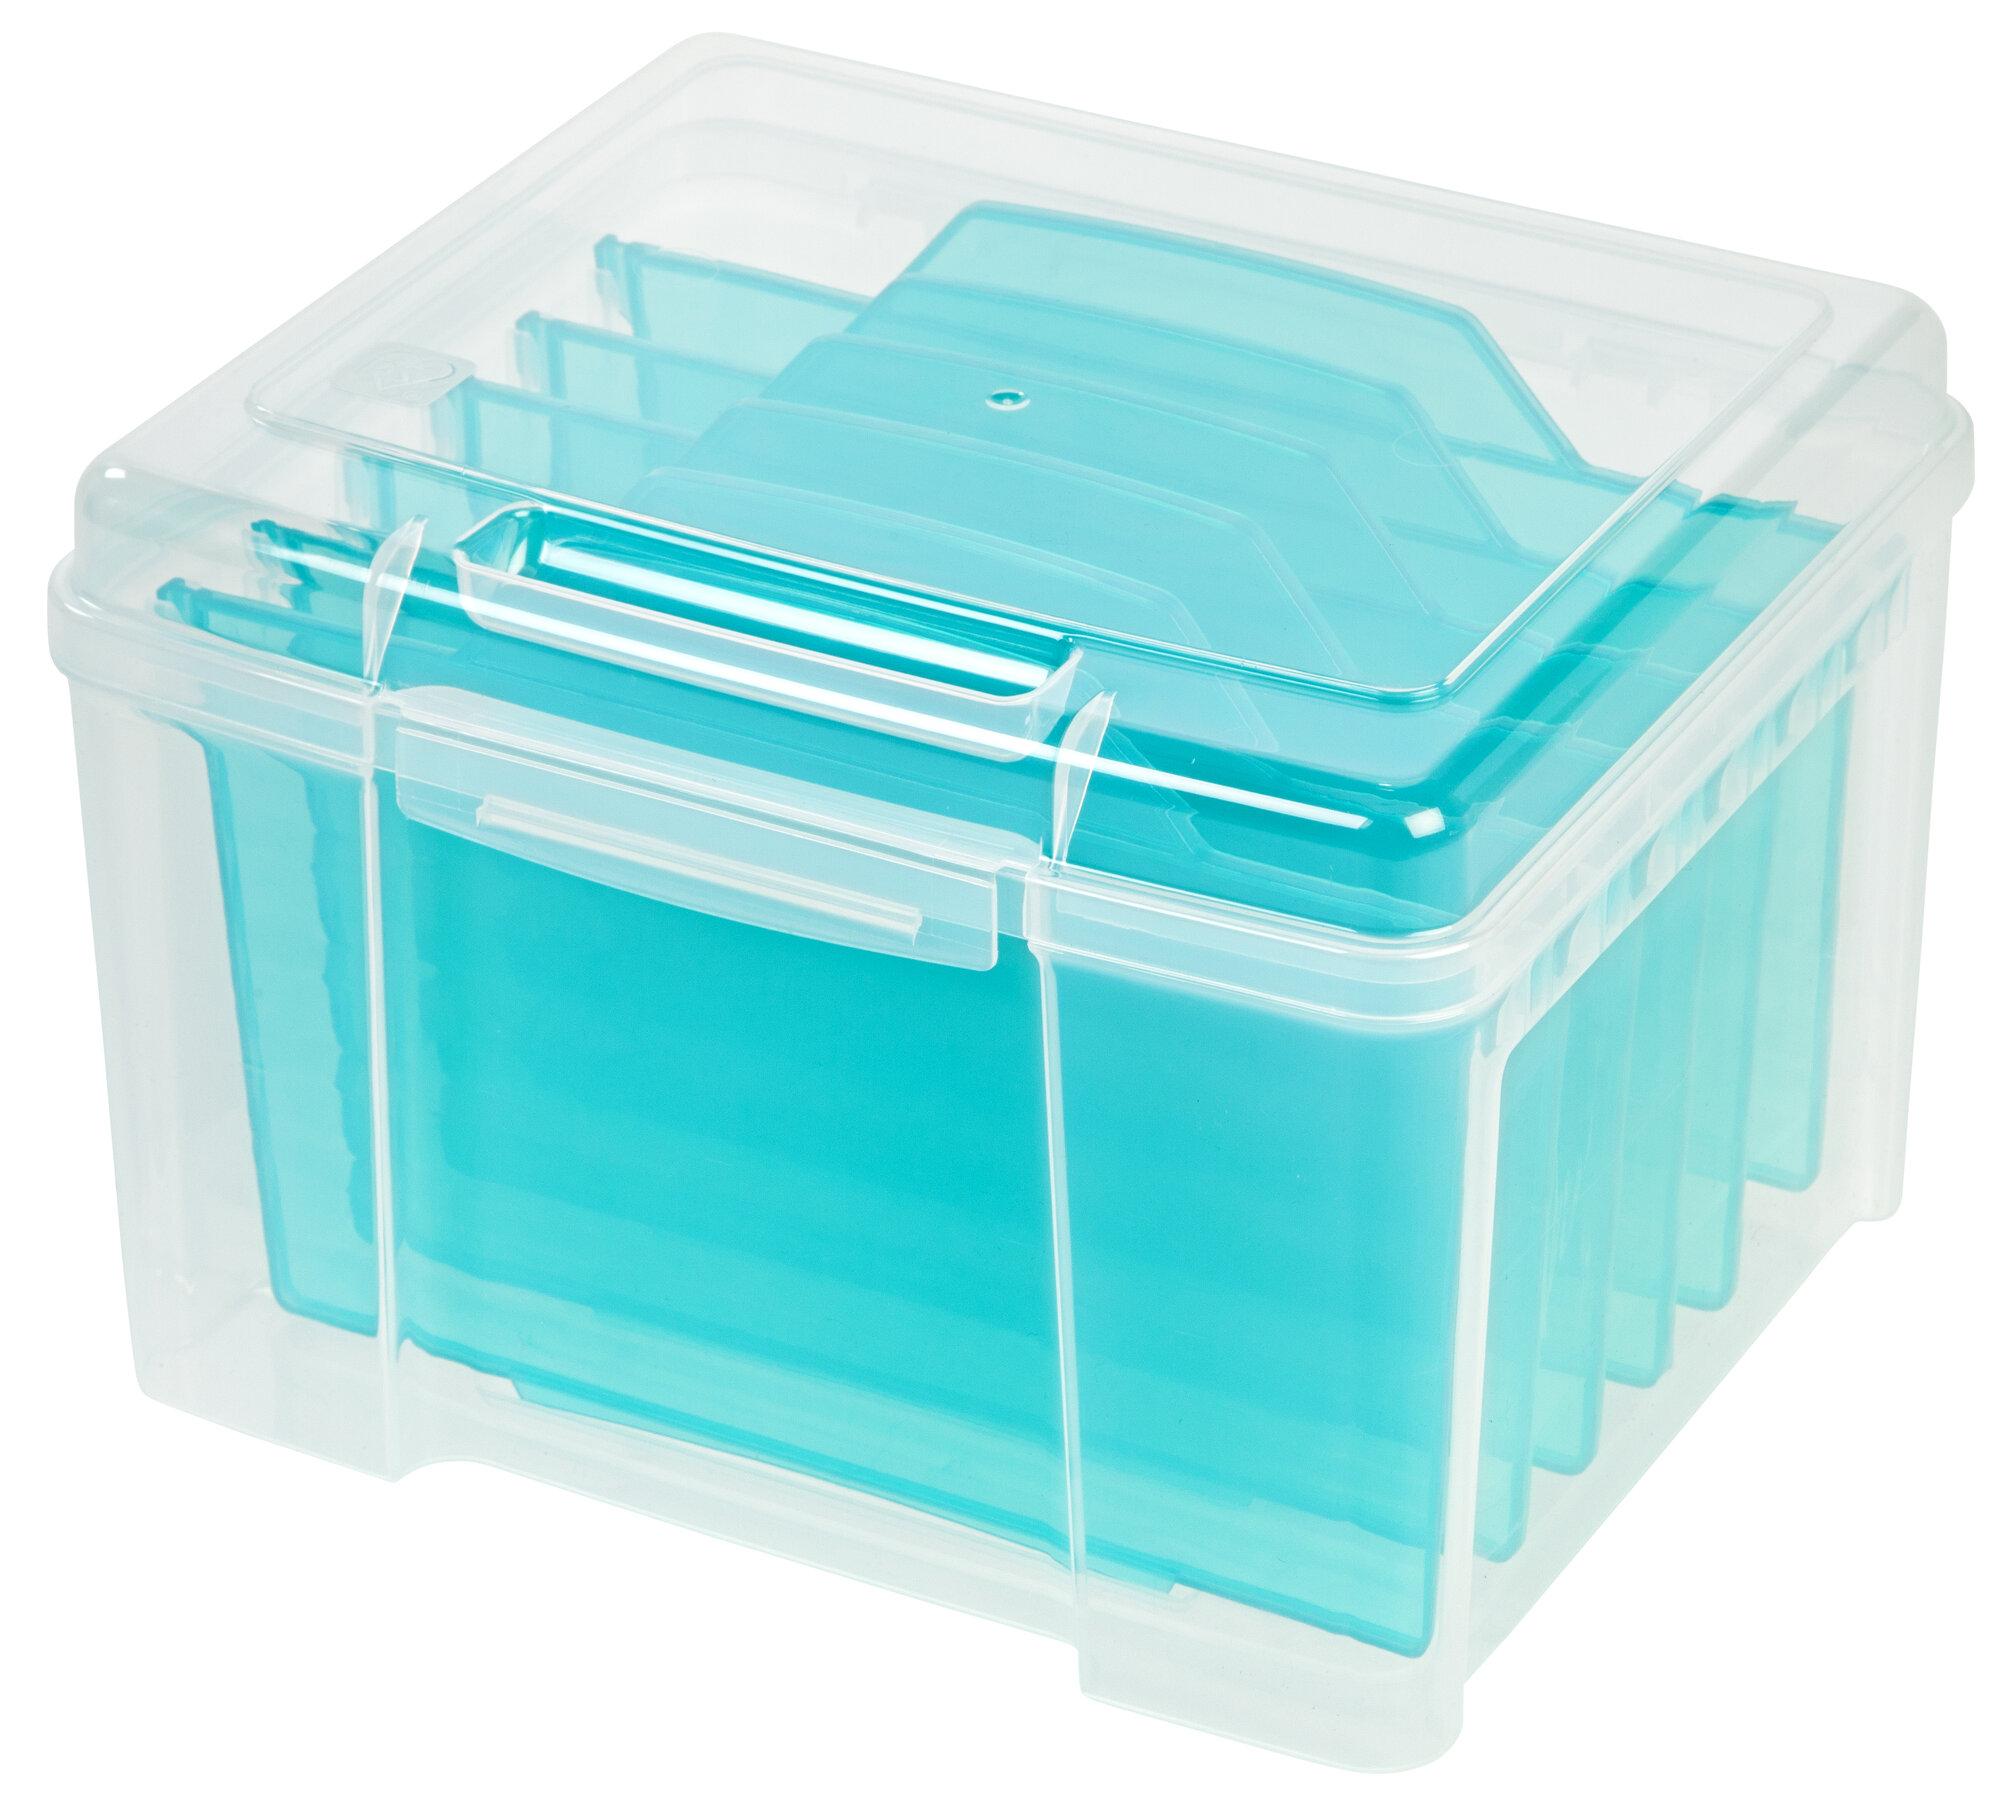 IRIS USA, Inc. Greeting Card Storage Box